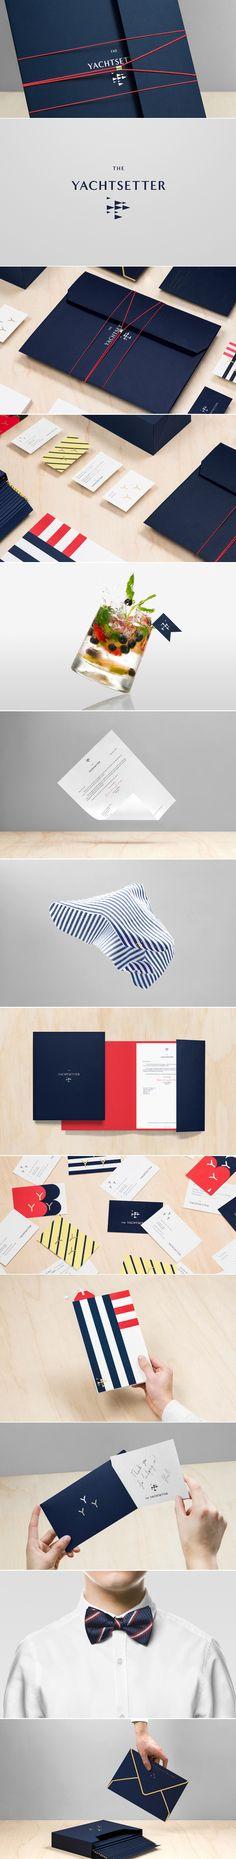 Yachtsetter — The Dieline   Packaging & Branding Design & Innovation News